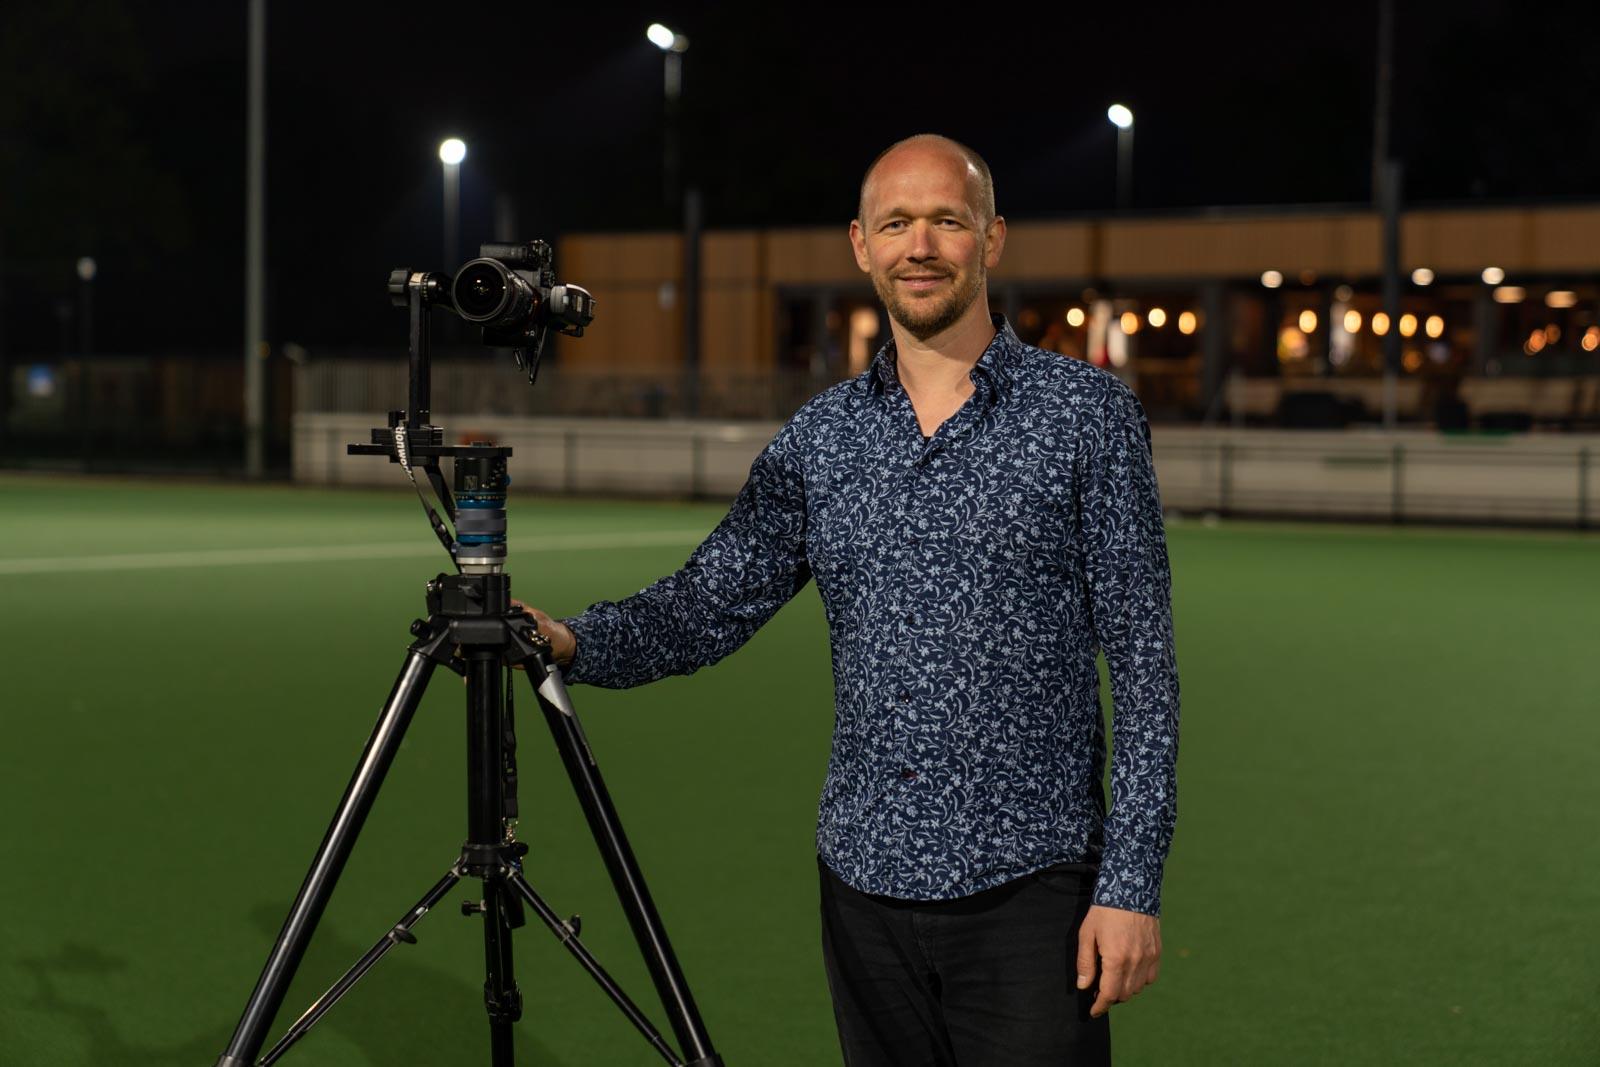 Onze fotograaf Redmar aan het werk met onze panoramacamera